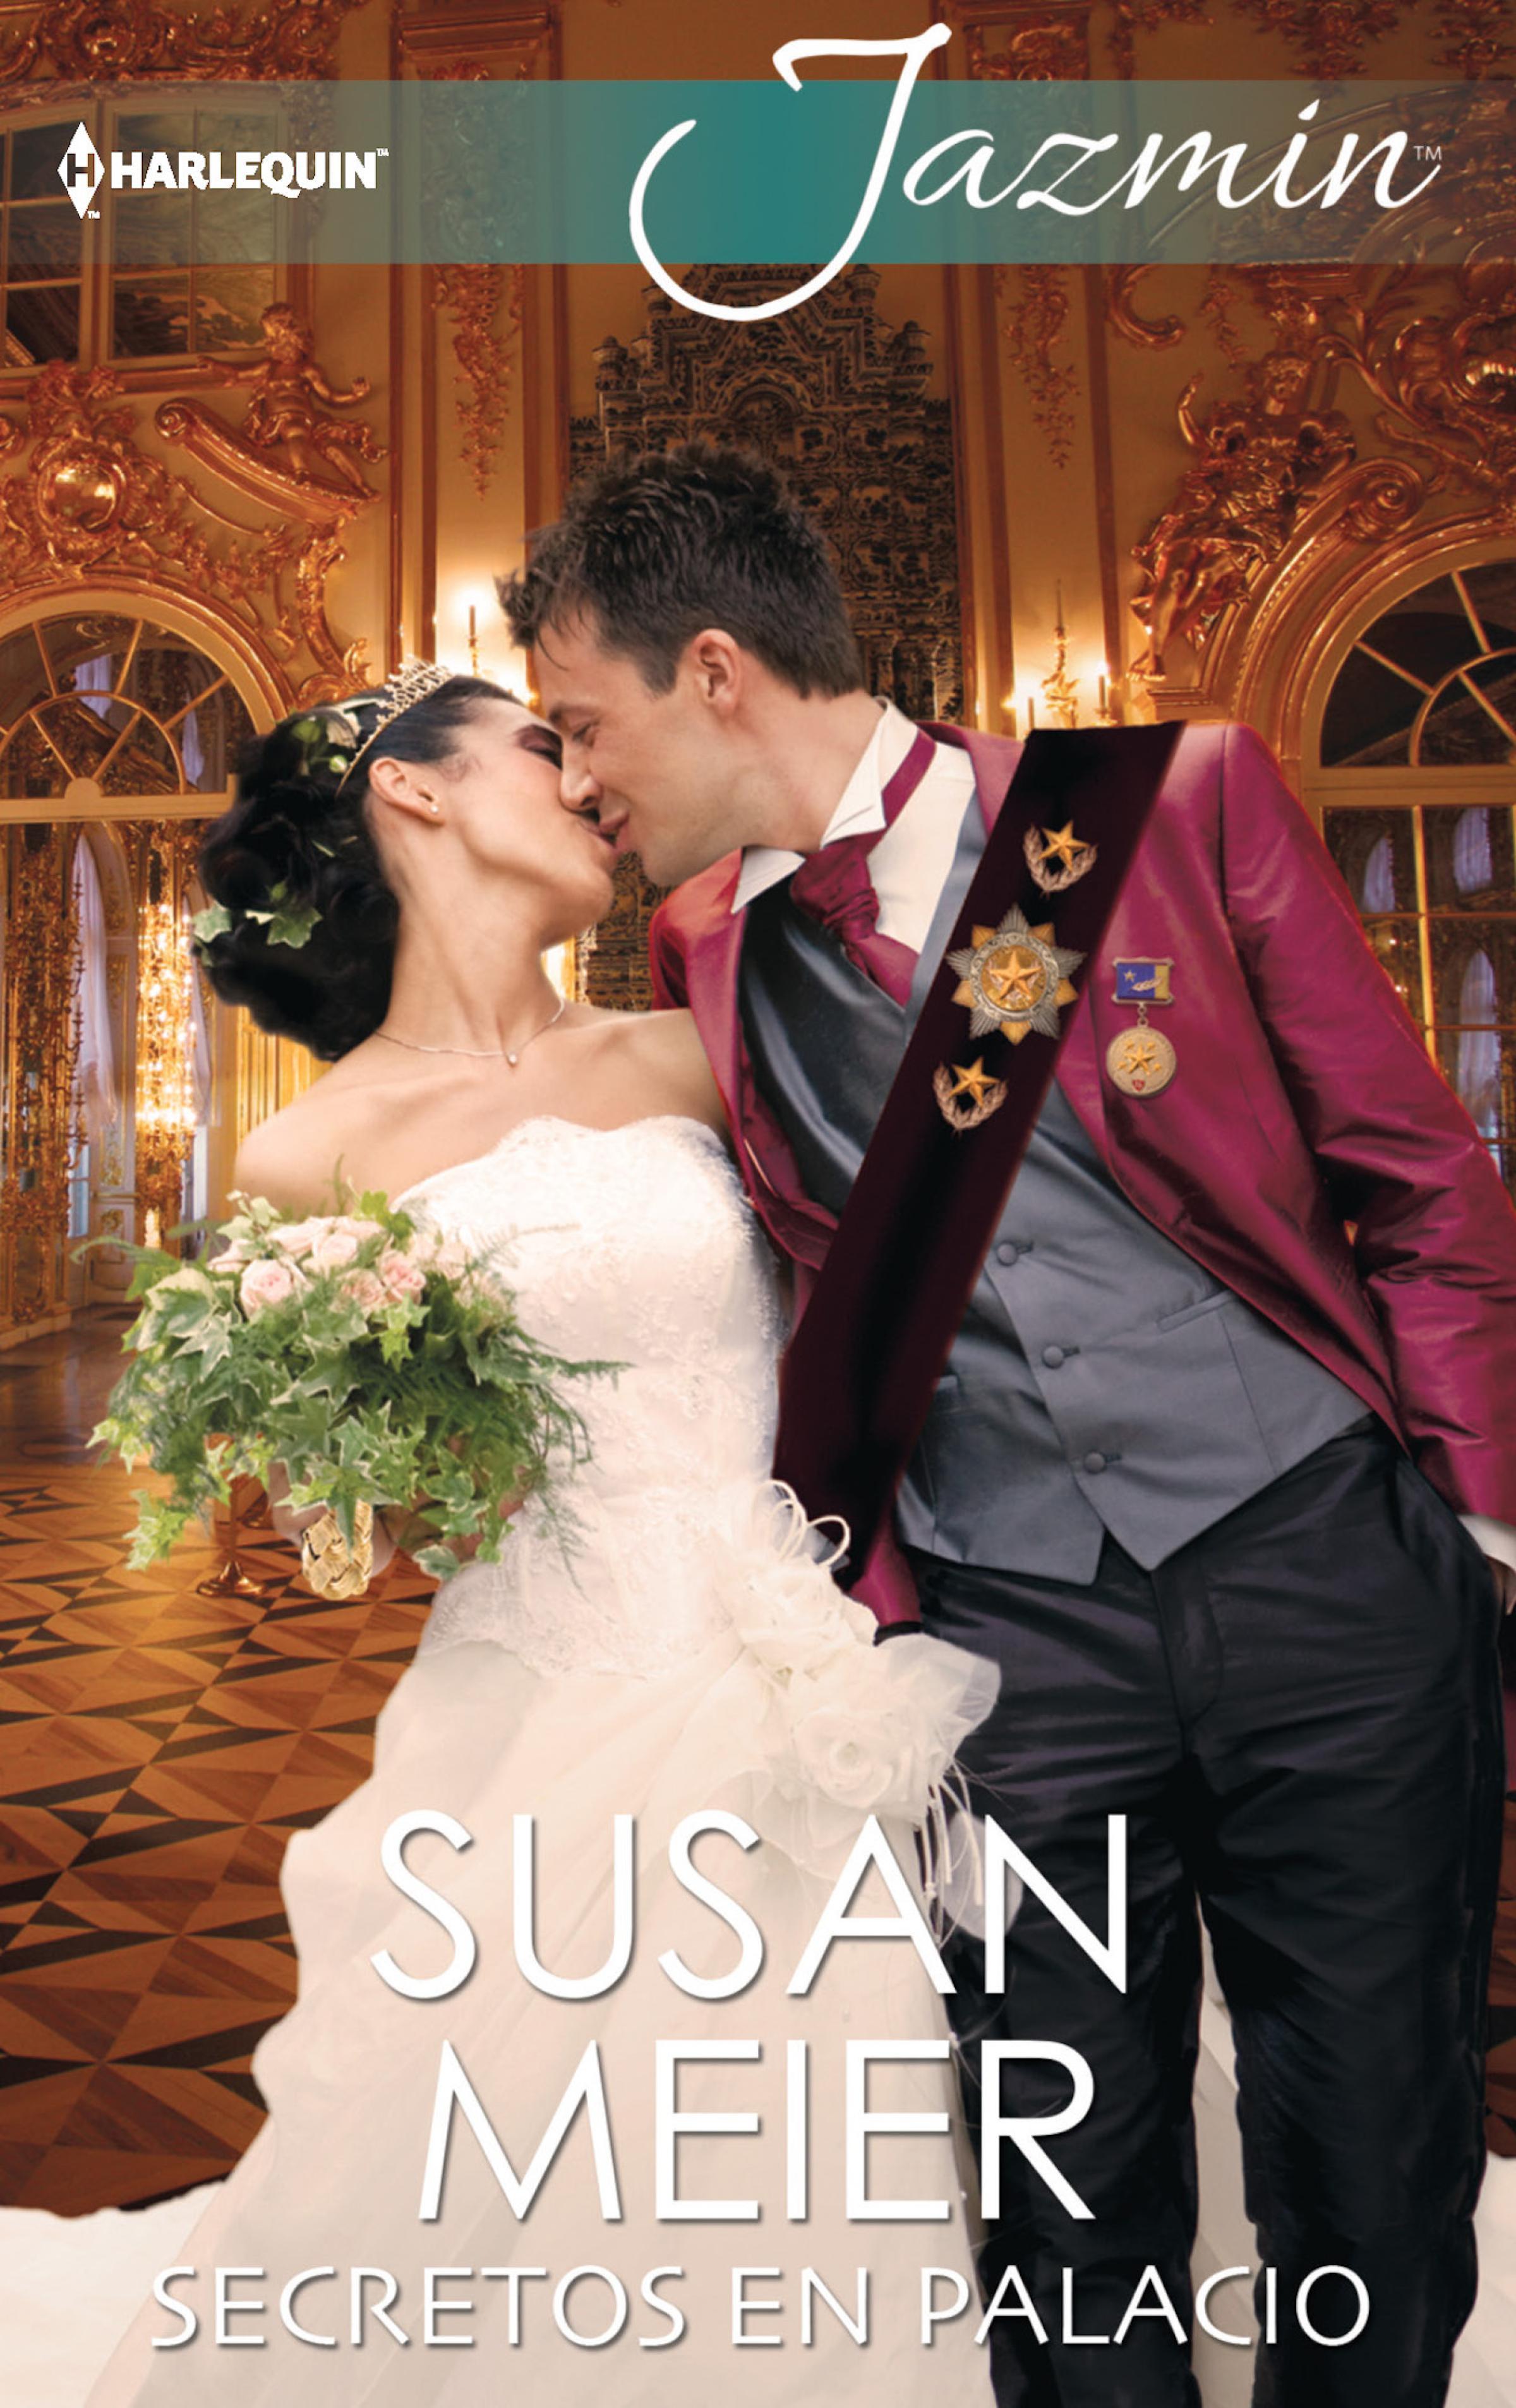 Secretos en palacio ( Susan Meier  )